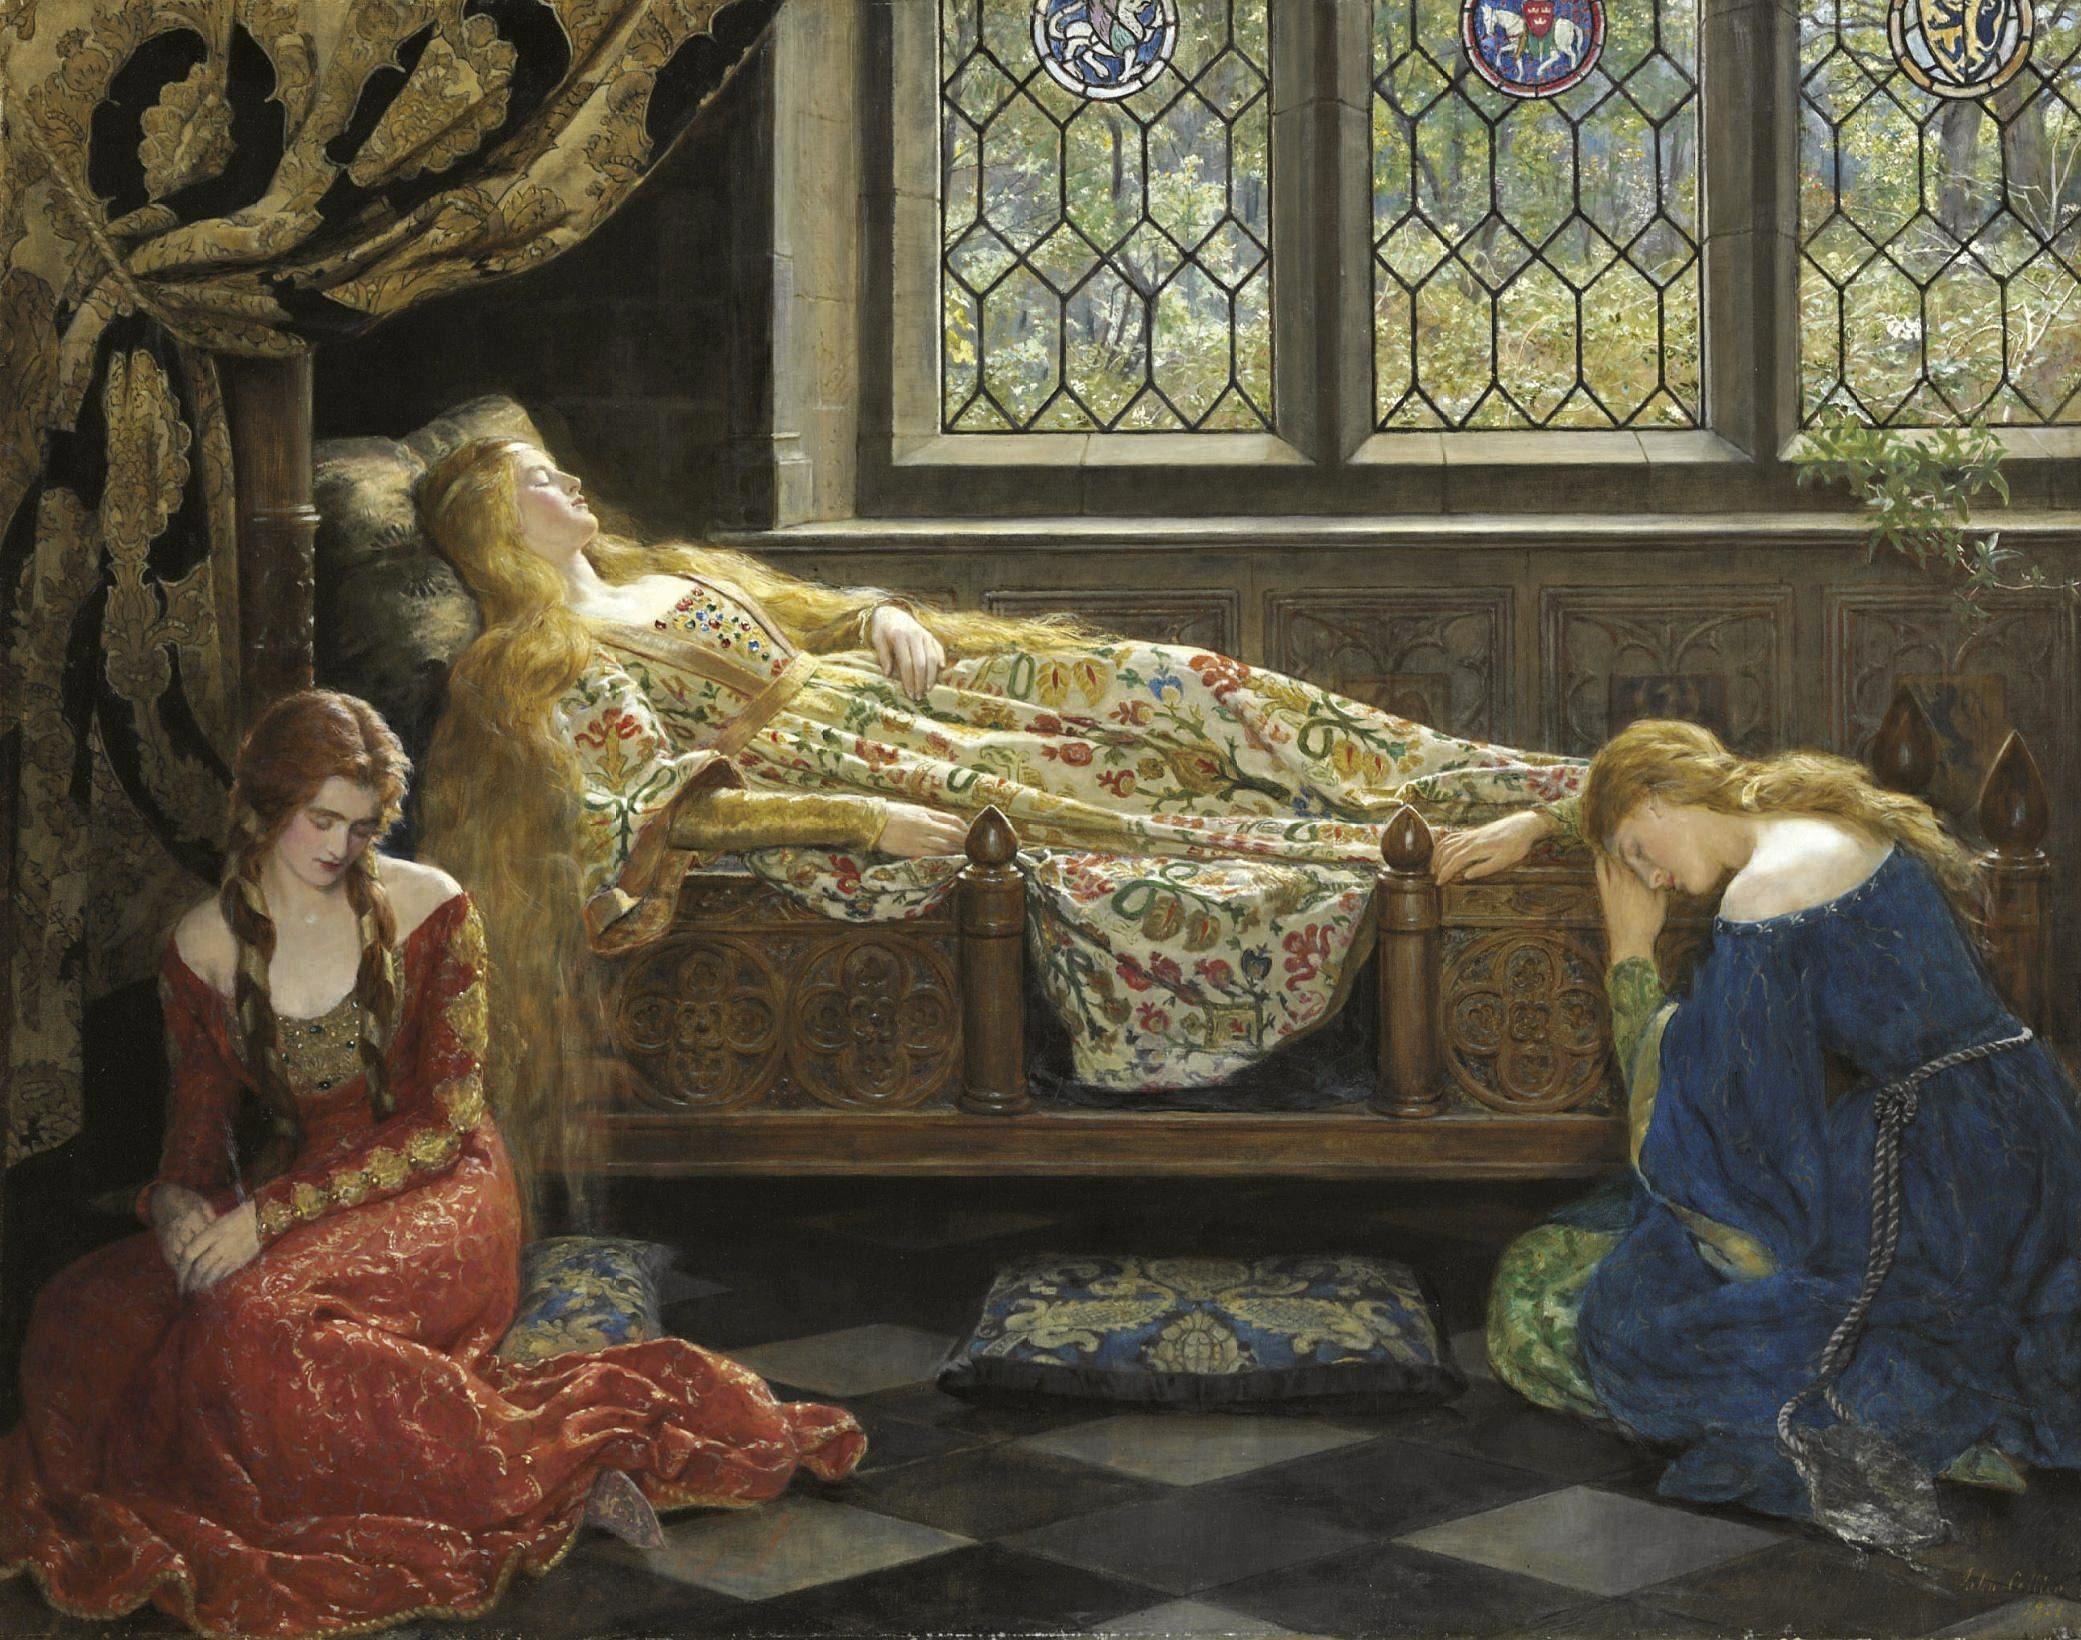 Ex. 10 La Belle au bois dormant